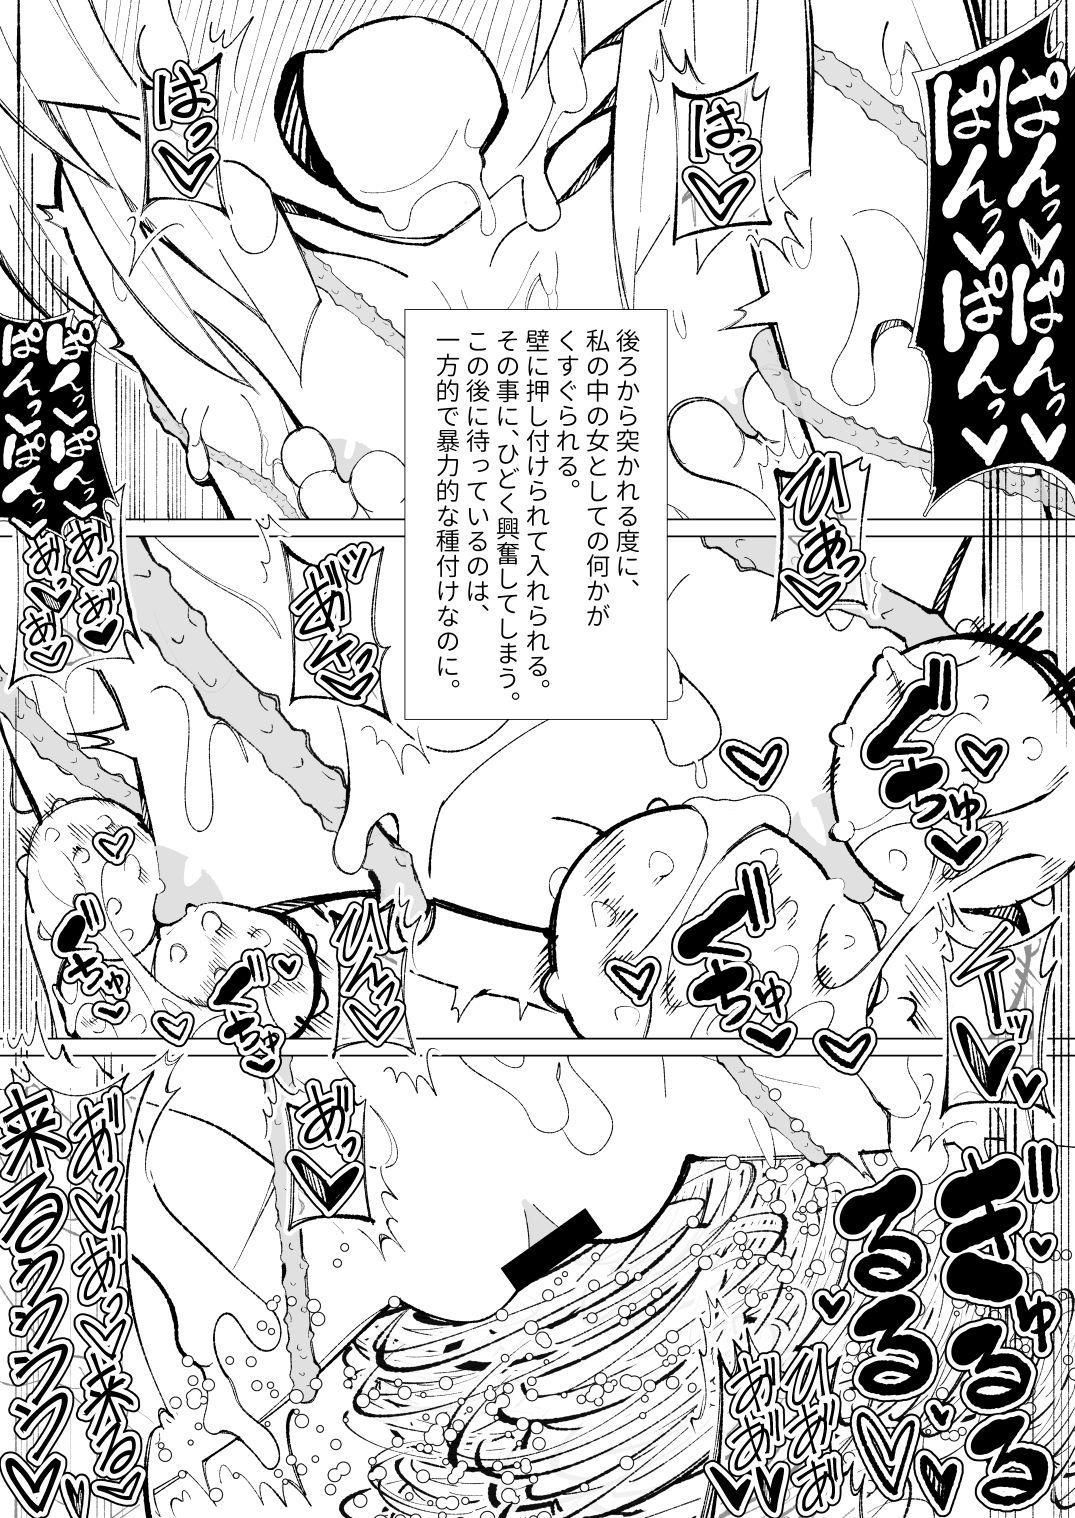 Ishu kan fūzoku-gai3 shokubutsu shokushu × rori 43